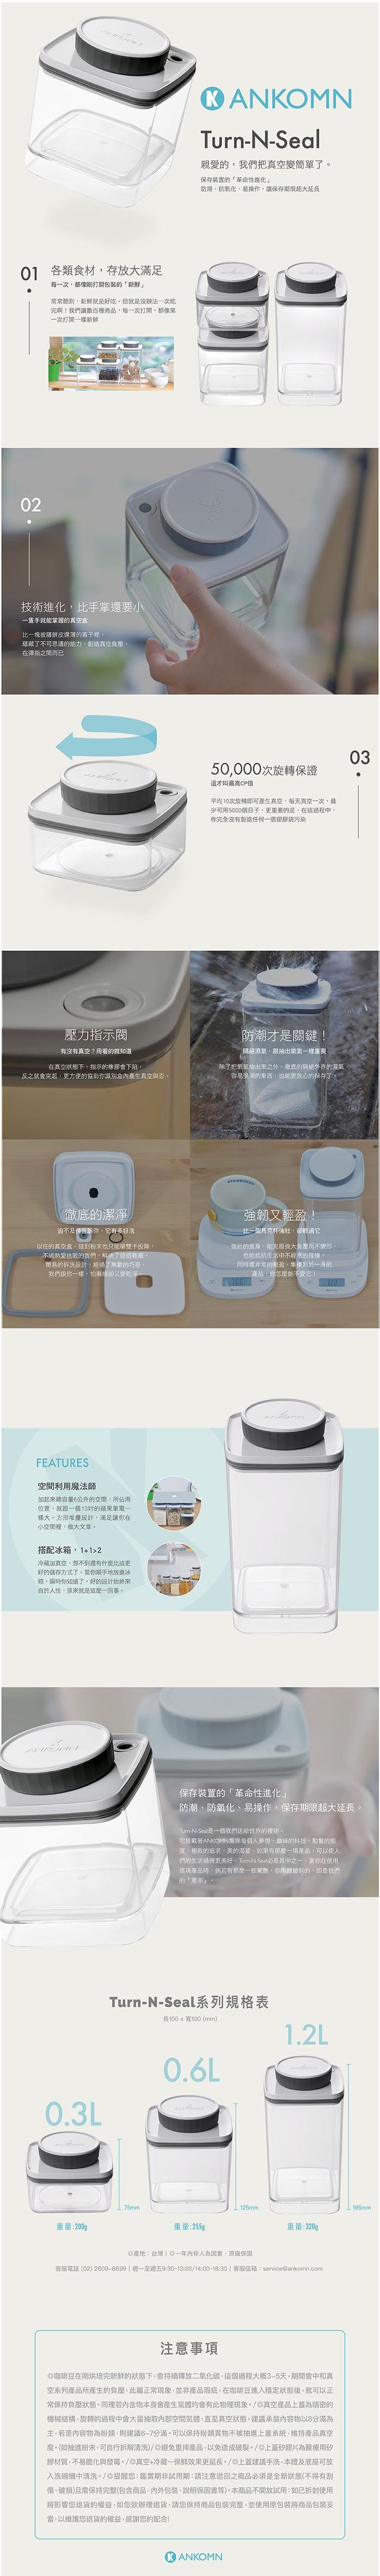 ANKOMN|Turn-N-Seal 真空保鮮盒 300ml (1入)